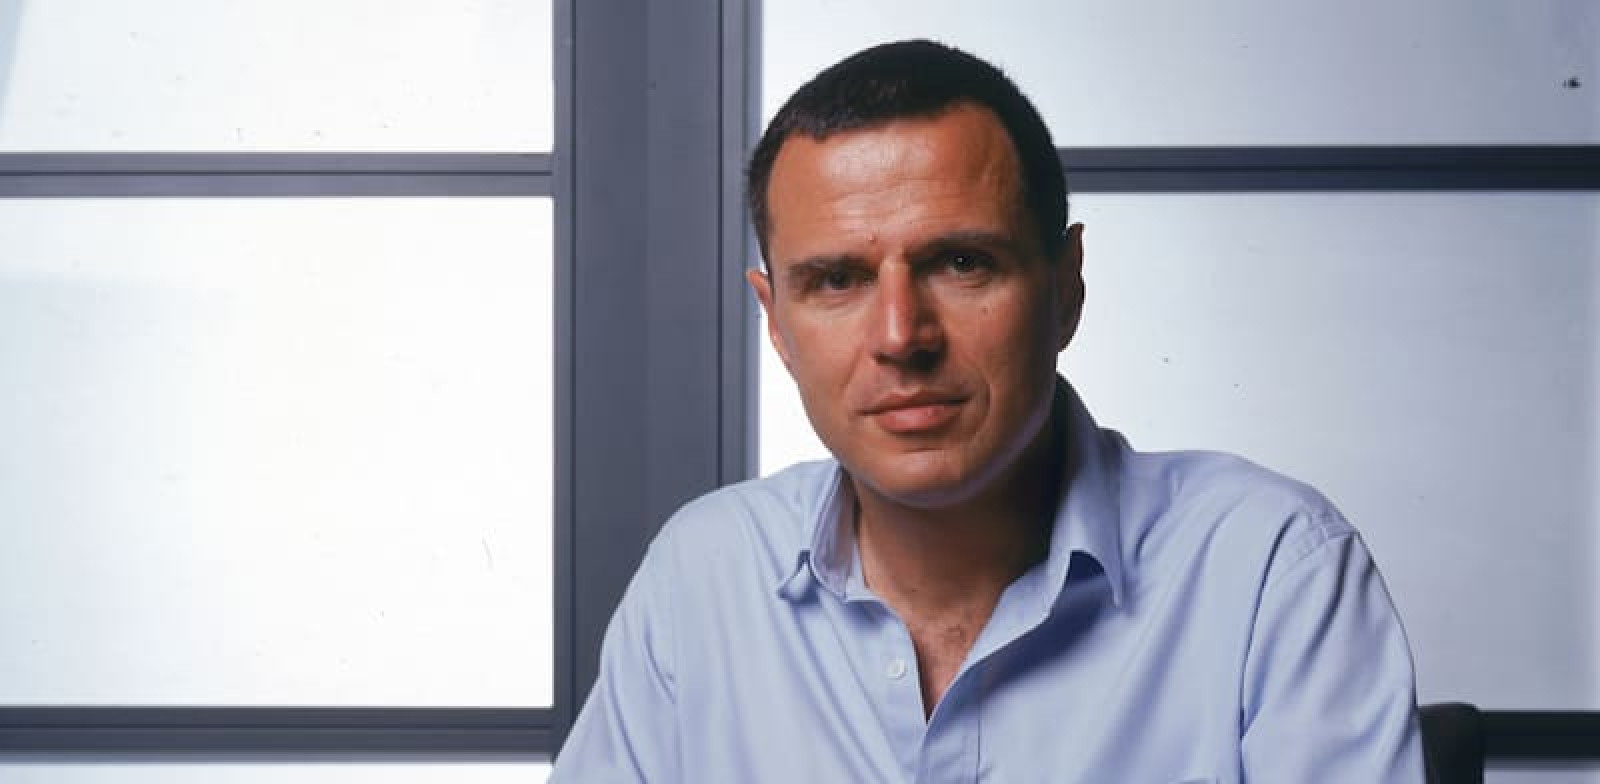 """רו""""ח רונן בראל, יו""""ר פירמת רואי החשבון EY ישראל / צילום: יונתן בלום"""